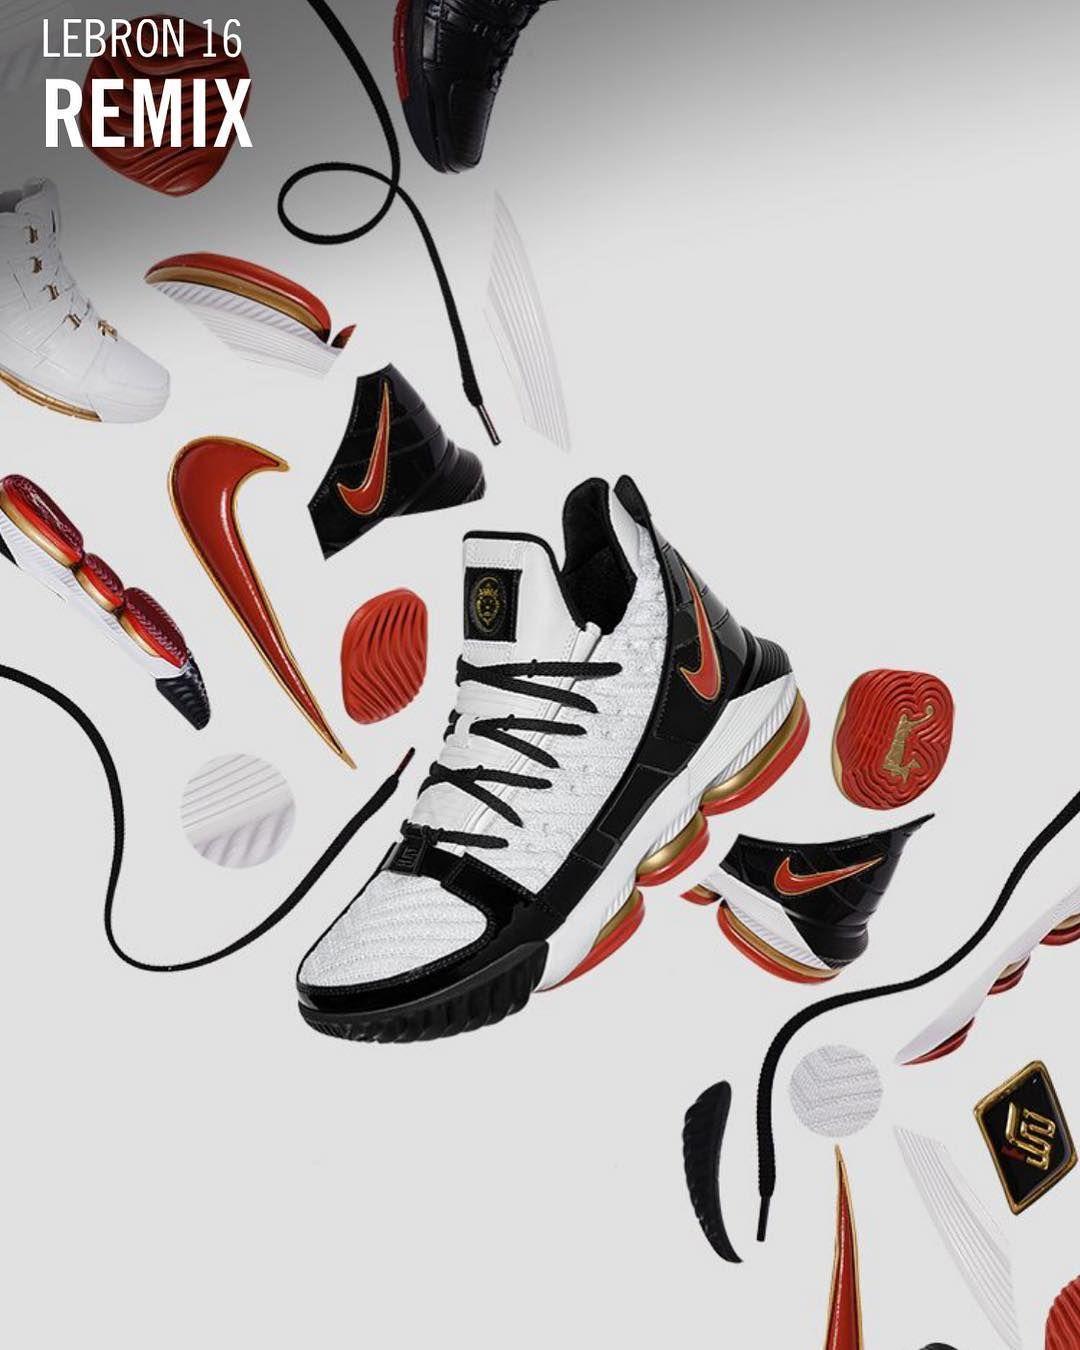 a13d767783404 Who copped  kingjames LeBron 16 Remix     LebronWatch  fashion  fashionblog